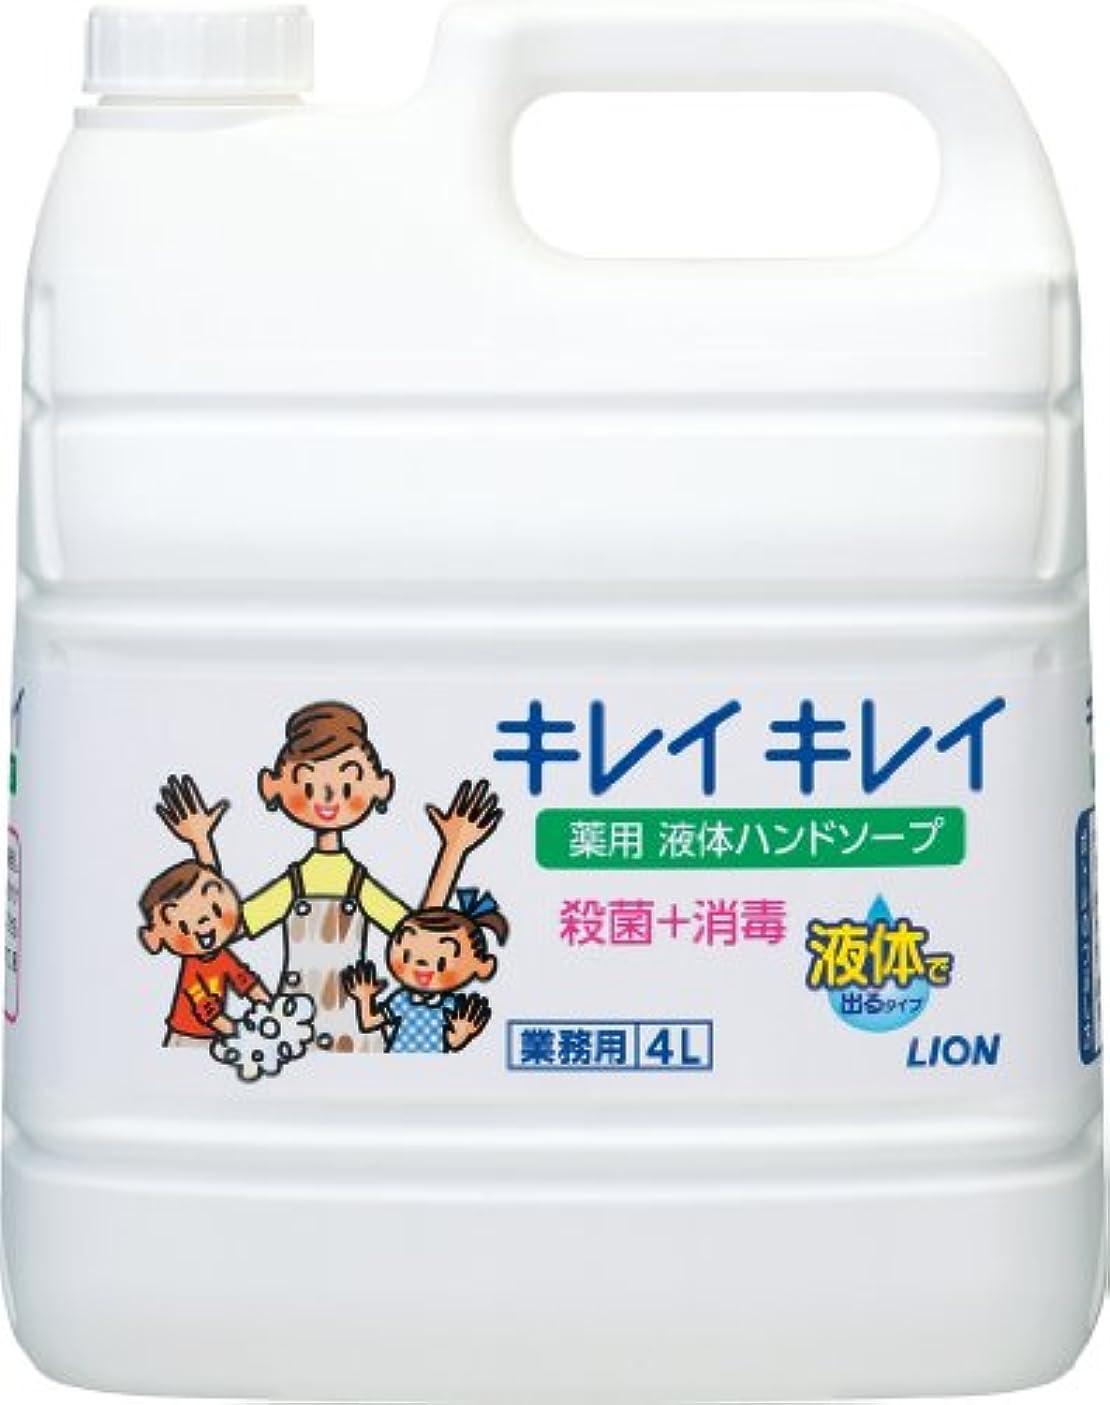 モネ変換する月曜【業務用 大容量】キレイキレイ 薬用 ハンドソープ  4L(医薬部外品)